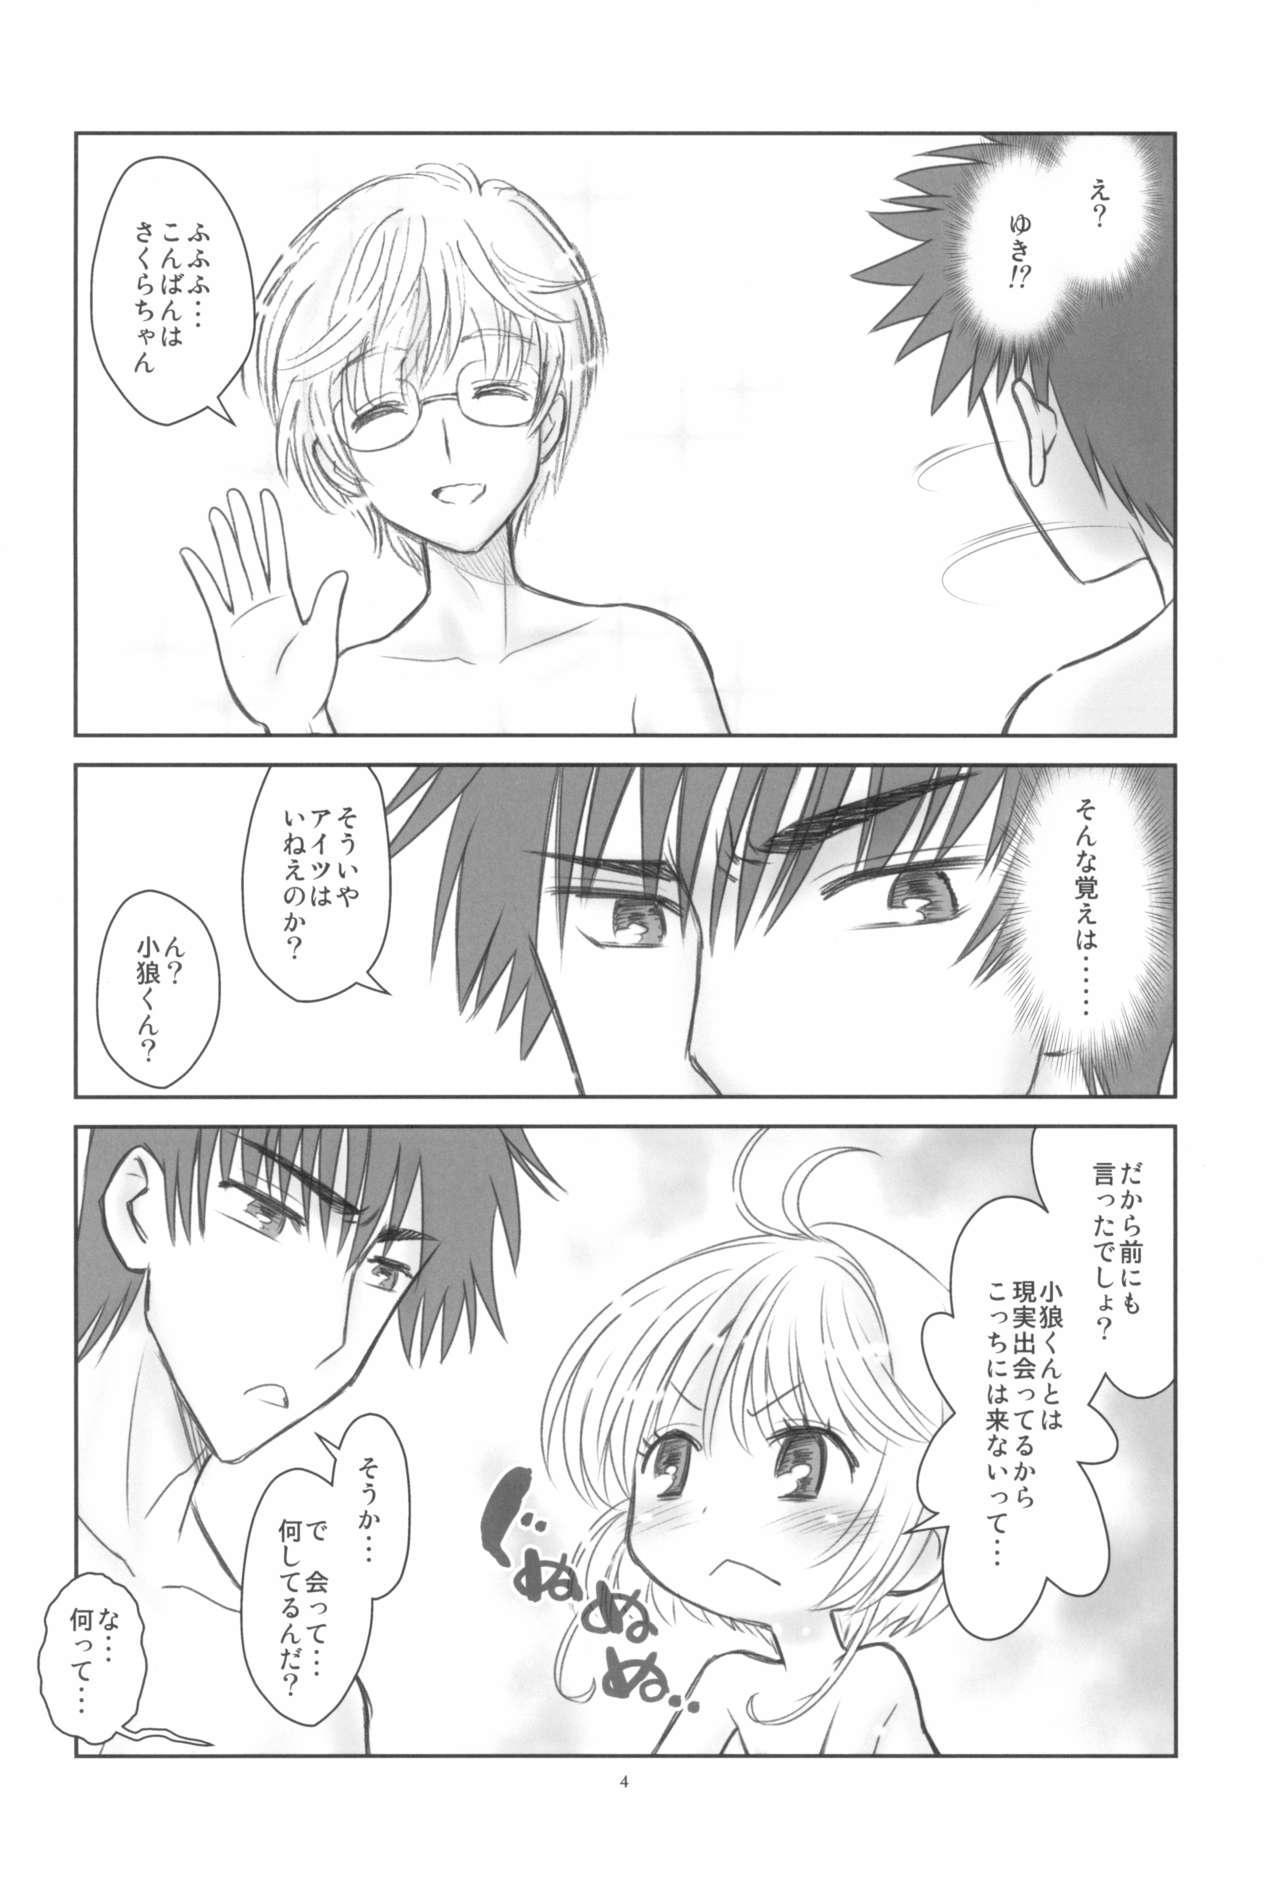 Hinnyuu Musume 38 5